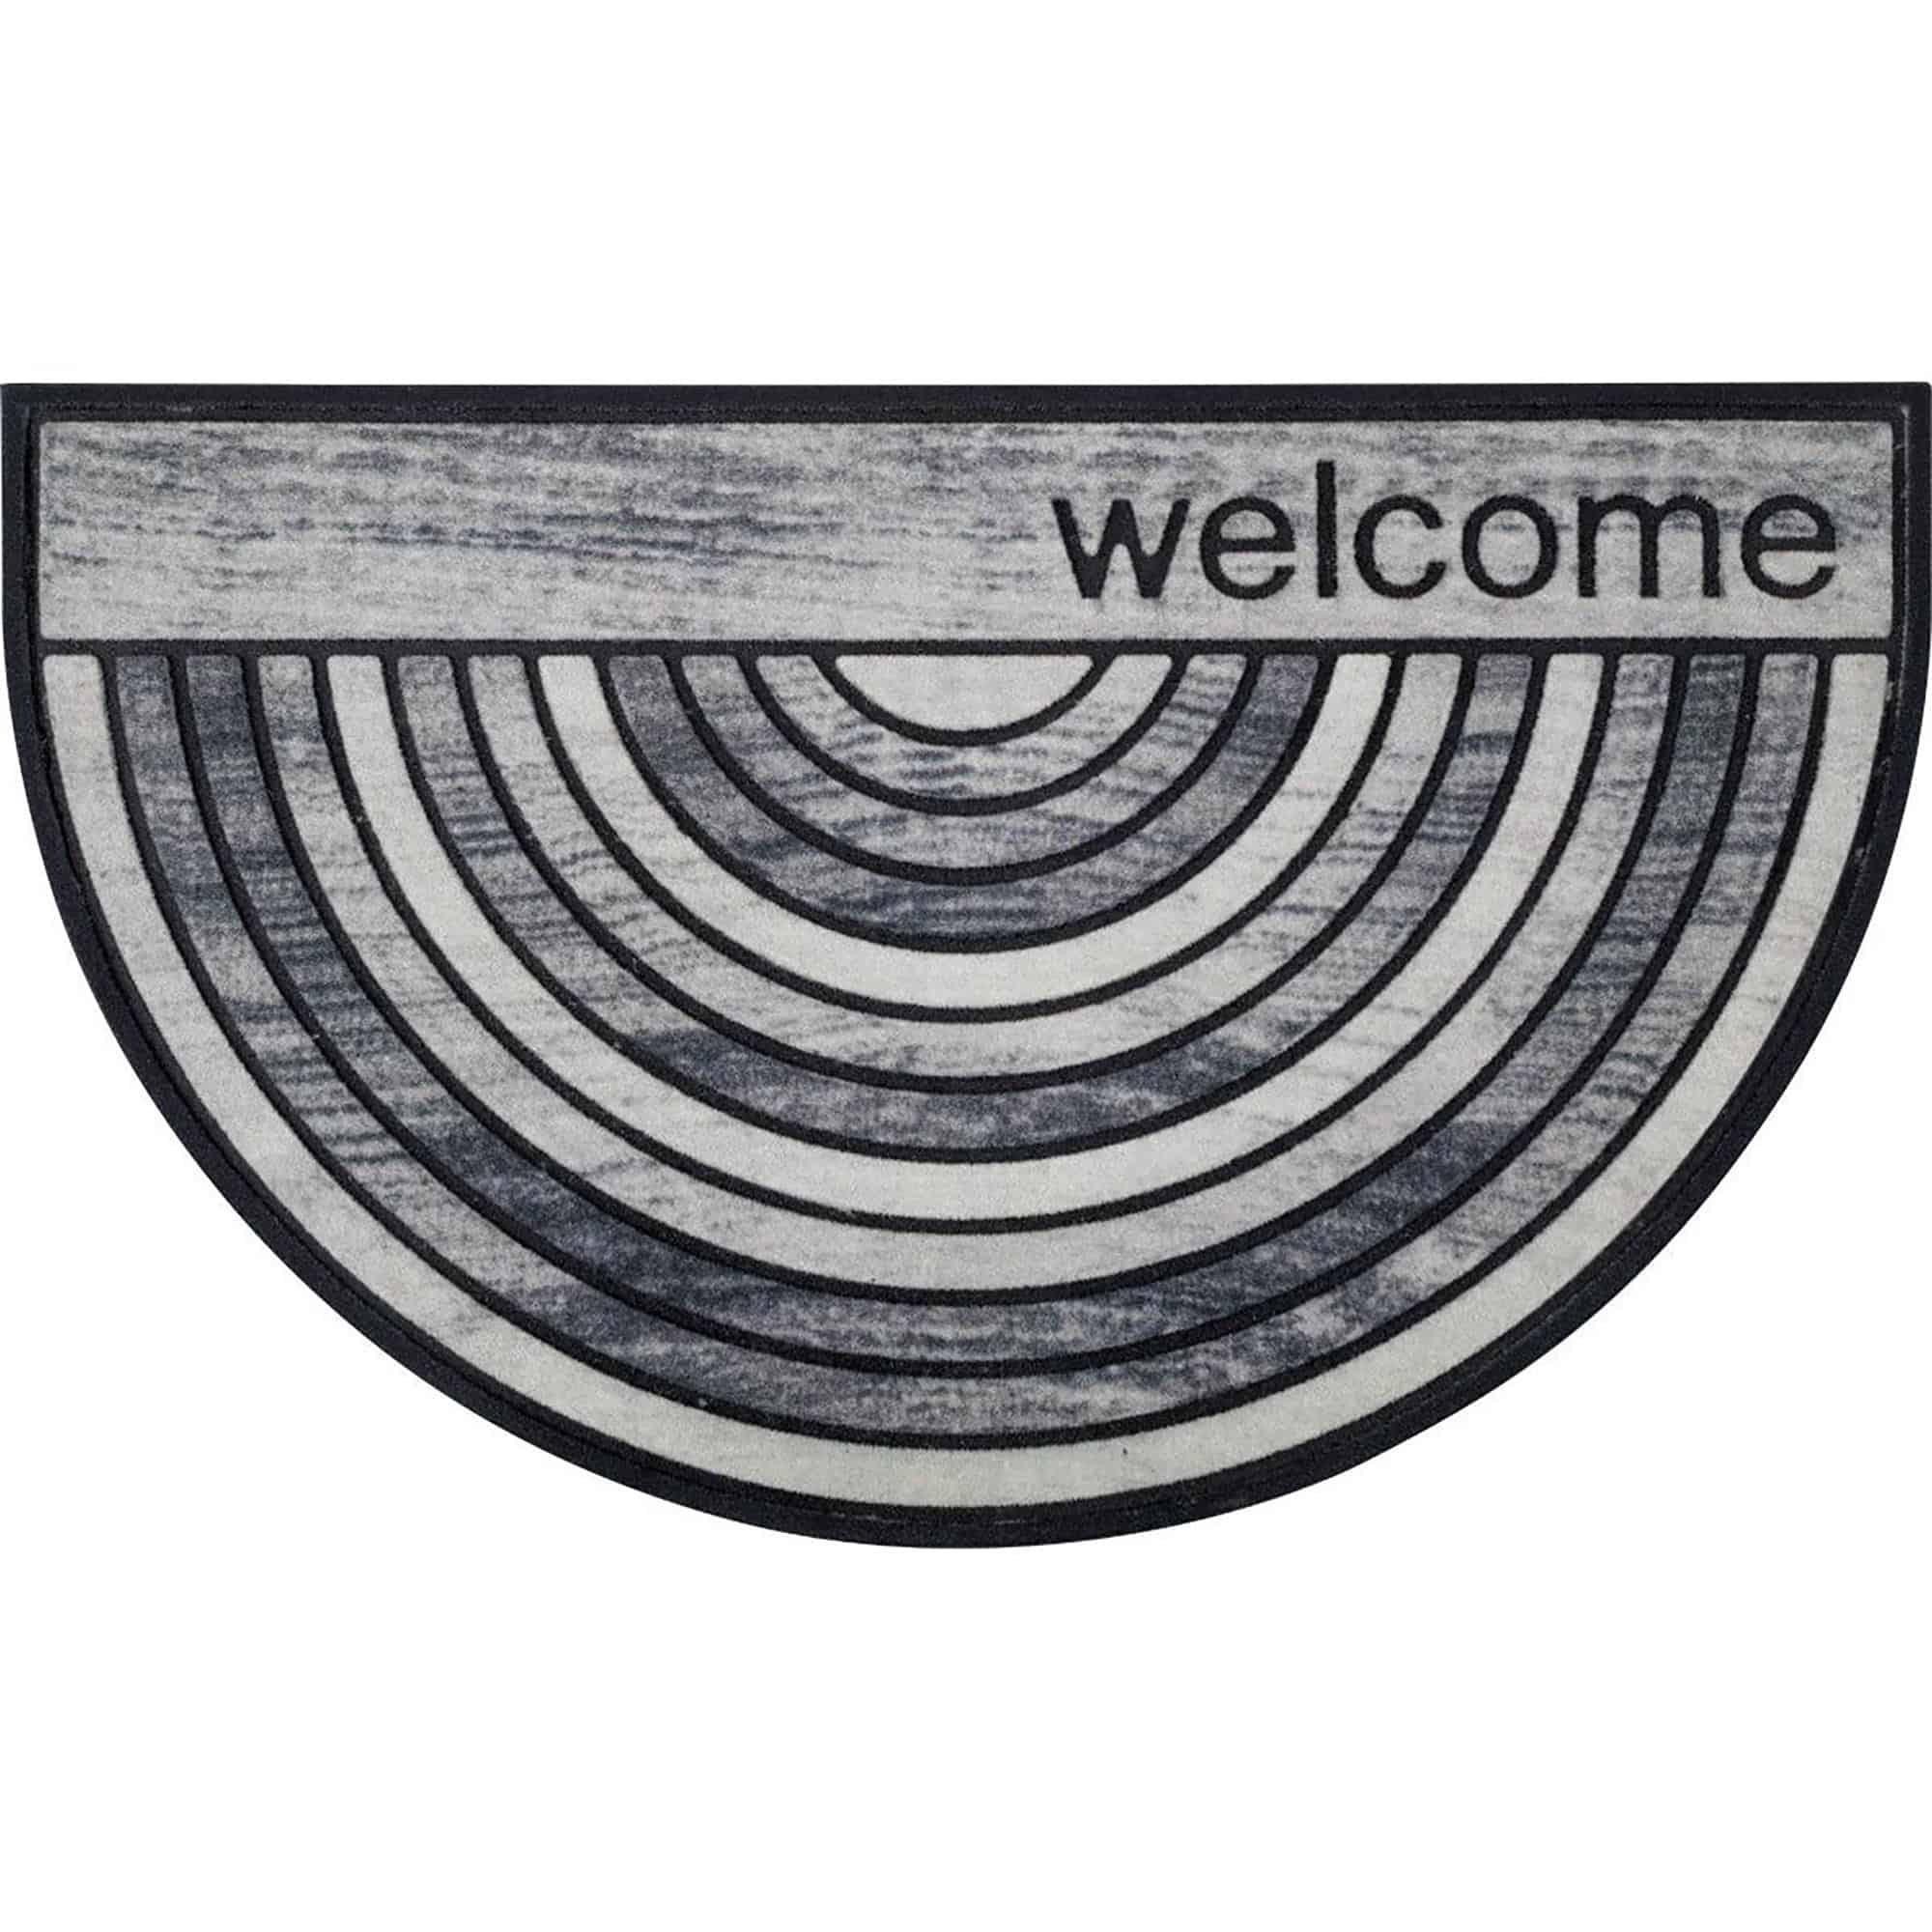 Welcome Half Round Front Doormat Outdoor 30 x 18 Recycled Rubber Door Mat for Entry Way